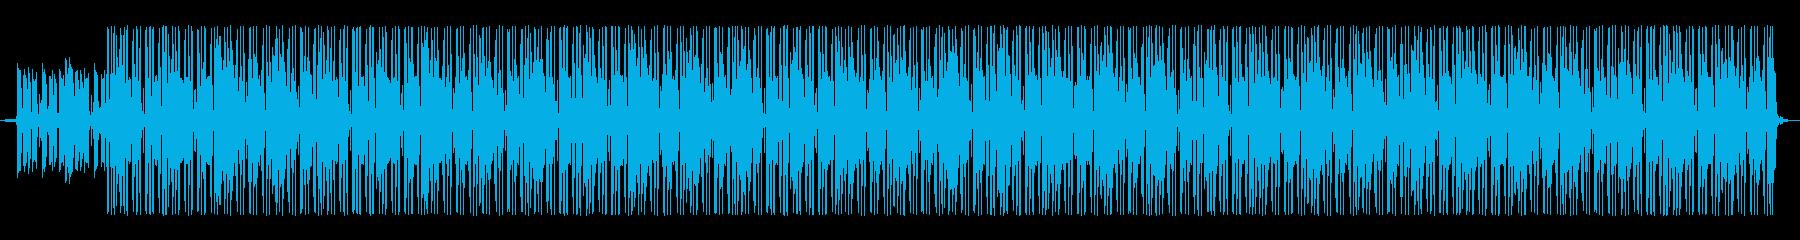 おしゃれで元気なインストヒップホップの再生済みの波形